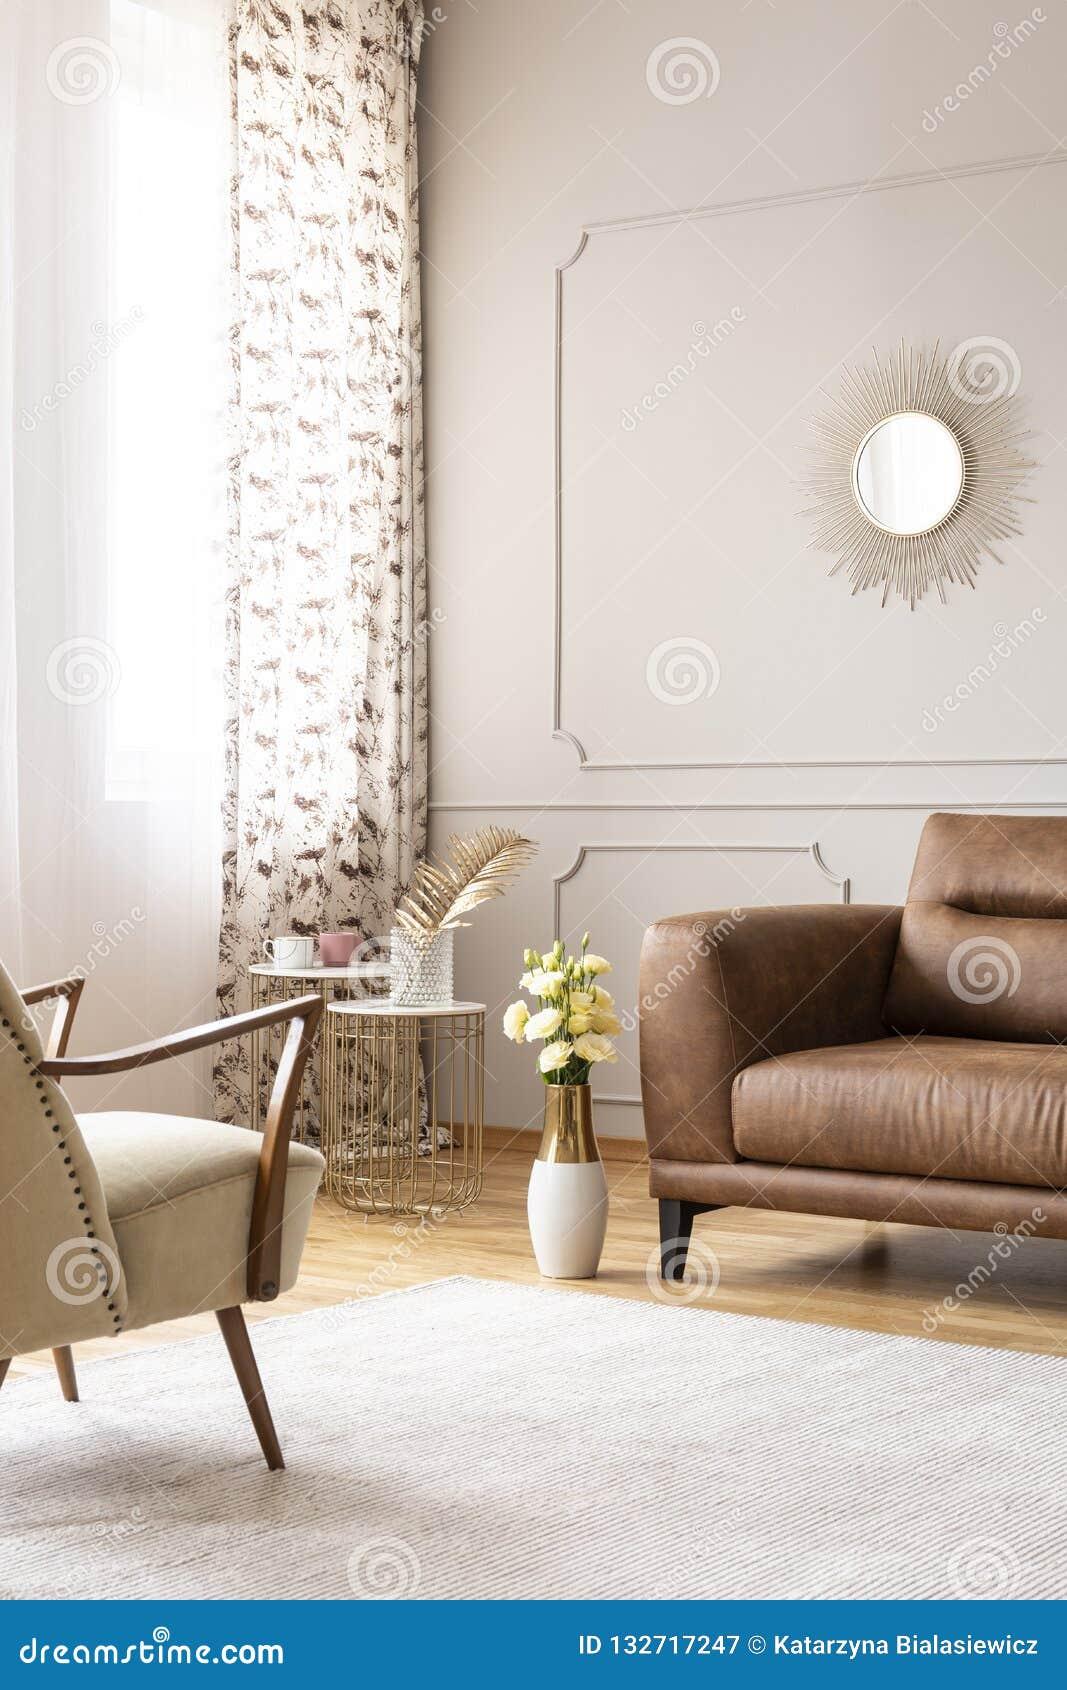 Vraie Photo D\'intérieur De Salon Avec Le Tapis Blanc, La Fenêtre ...